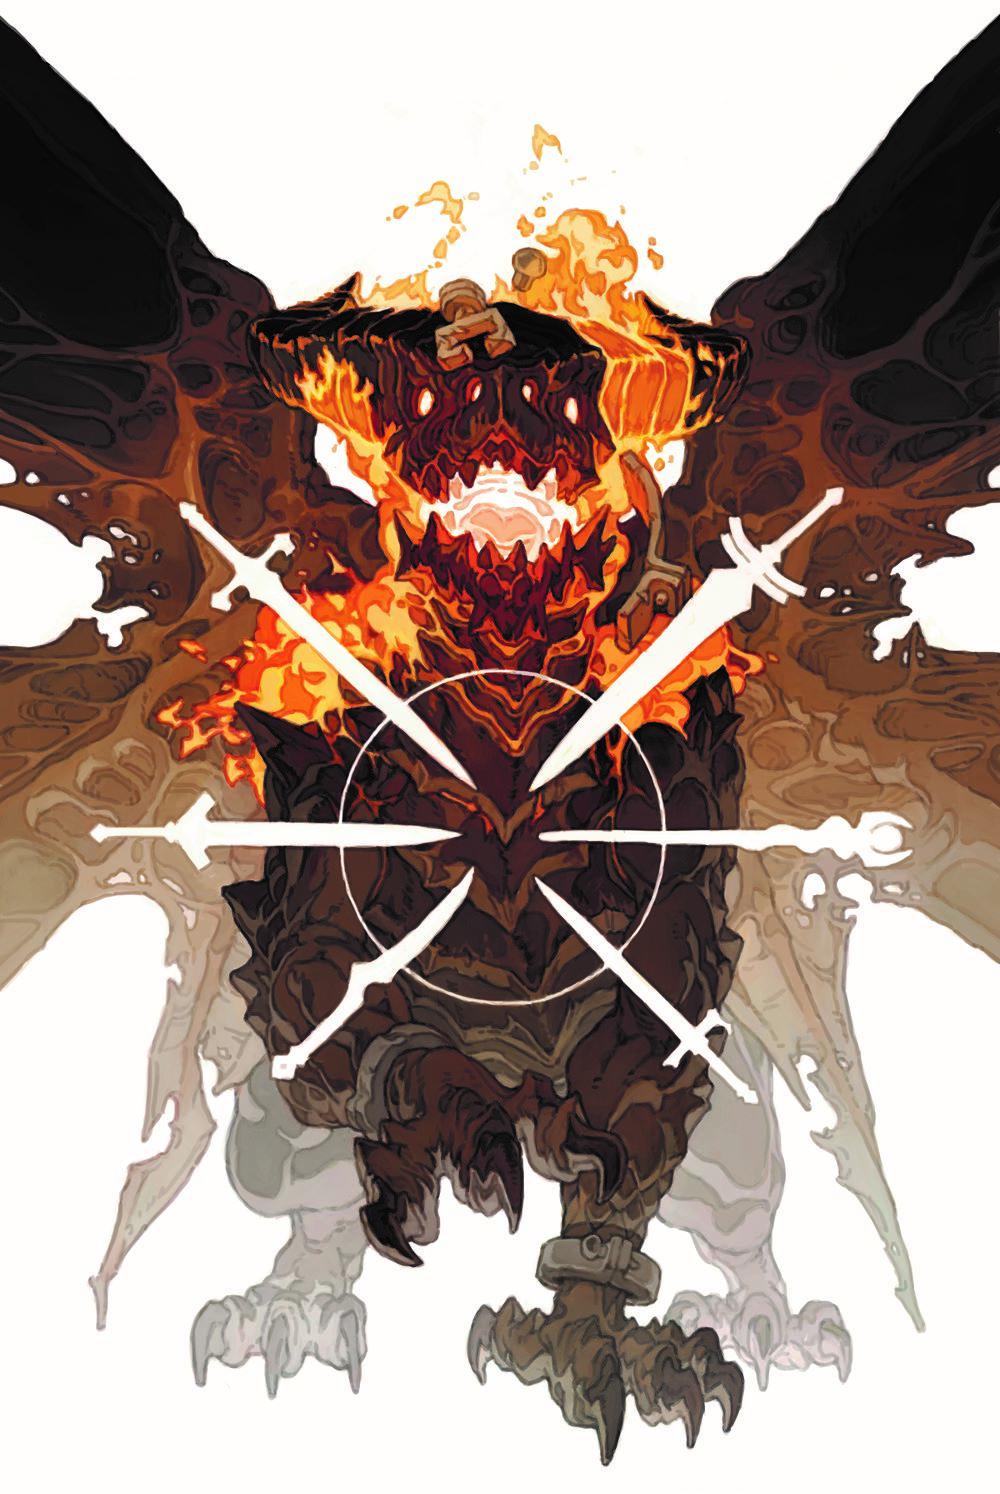 DADF_i2_FC_FNL Dark Horse Comics April 2021 Solicitations